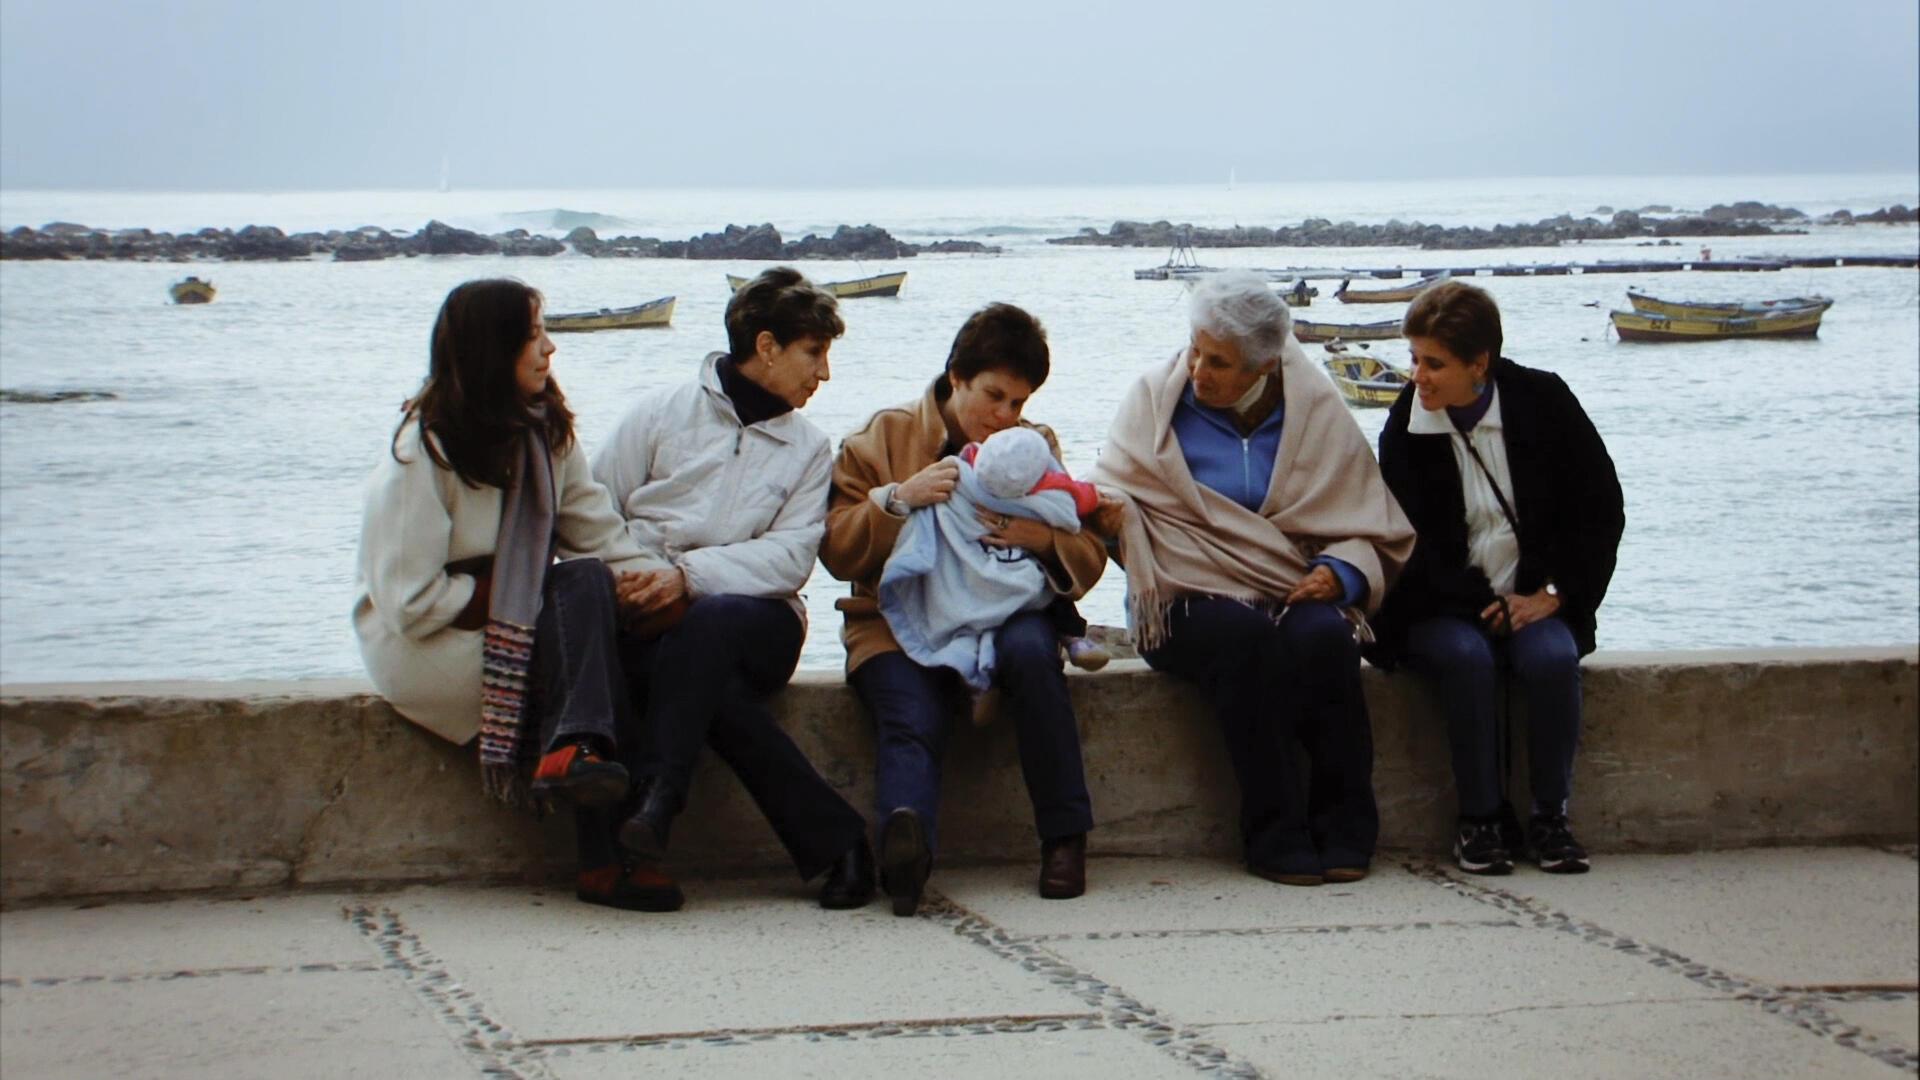 Les femmes de la famille Allende : Marcia, sa mère Isabel fille de Salvado Allende et Hortensia Bussi, Maya fille de Tati, Carmen Paz, fille aînée du couple Allende-Bussi et sa fille Carmen.